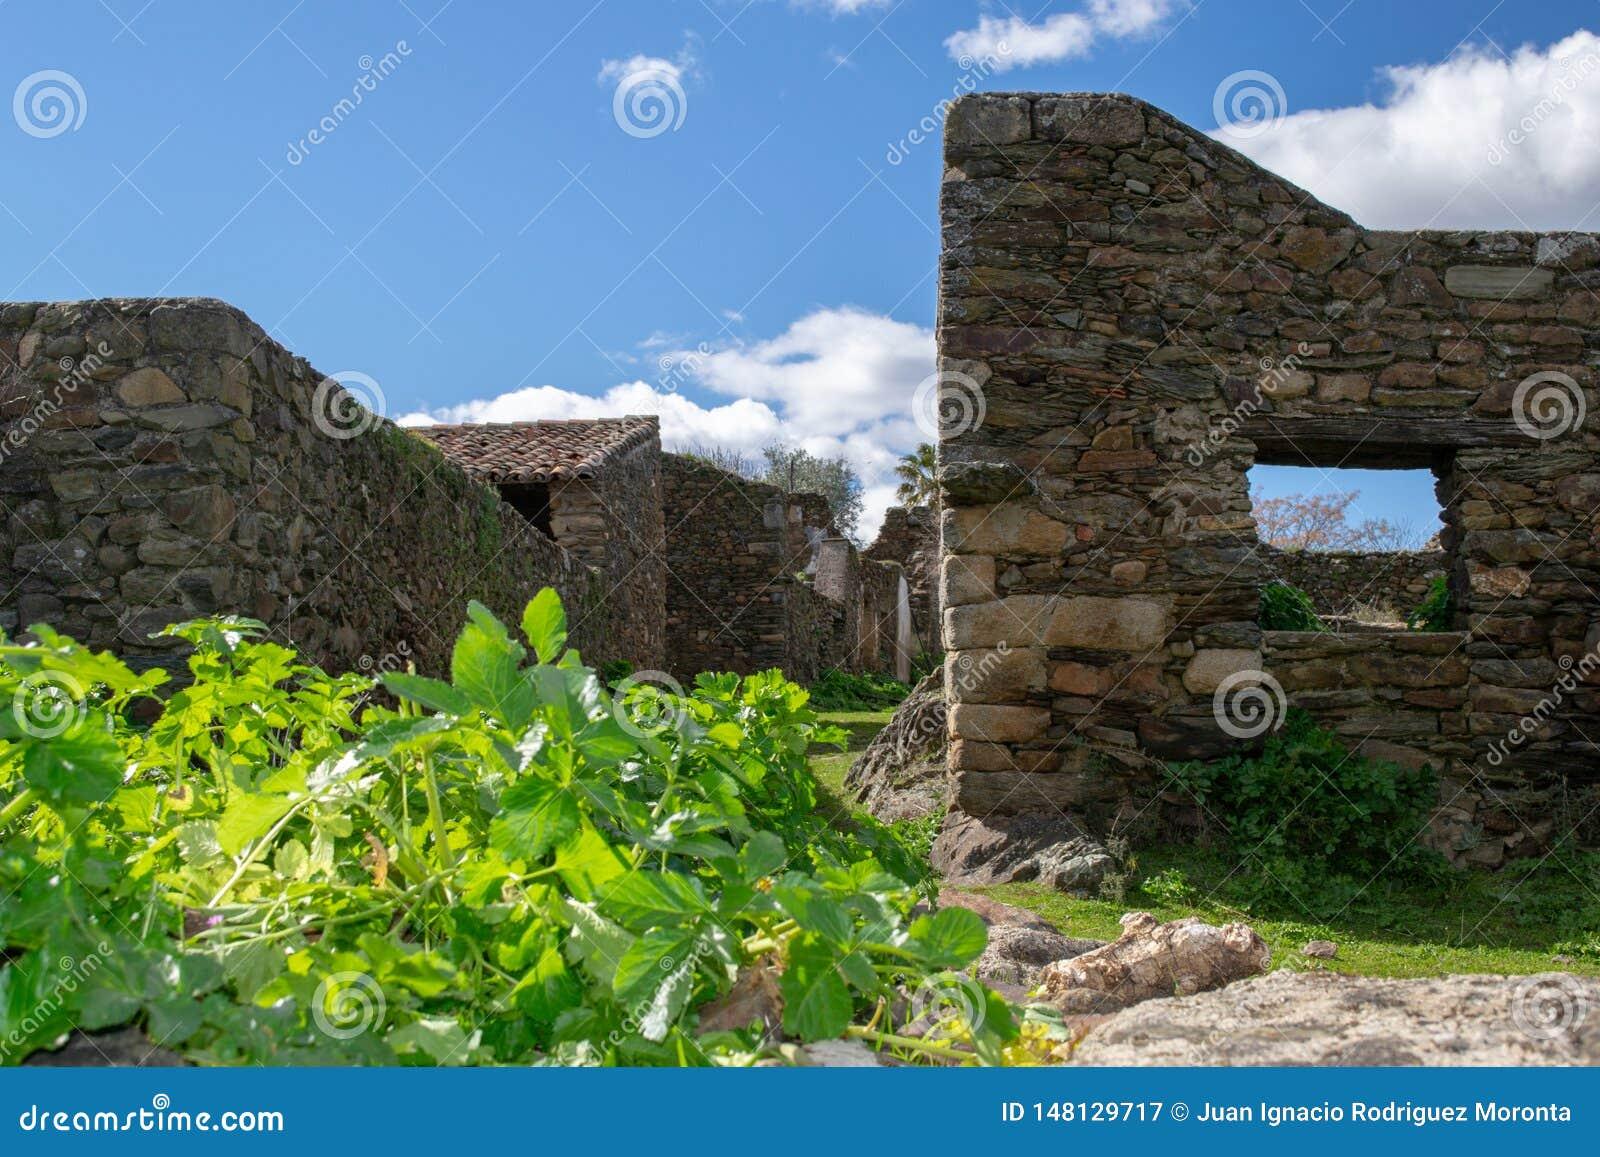 καταστροφές των σπιτιών στο εγκαταλειμμένο χωριό